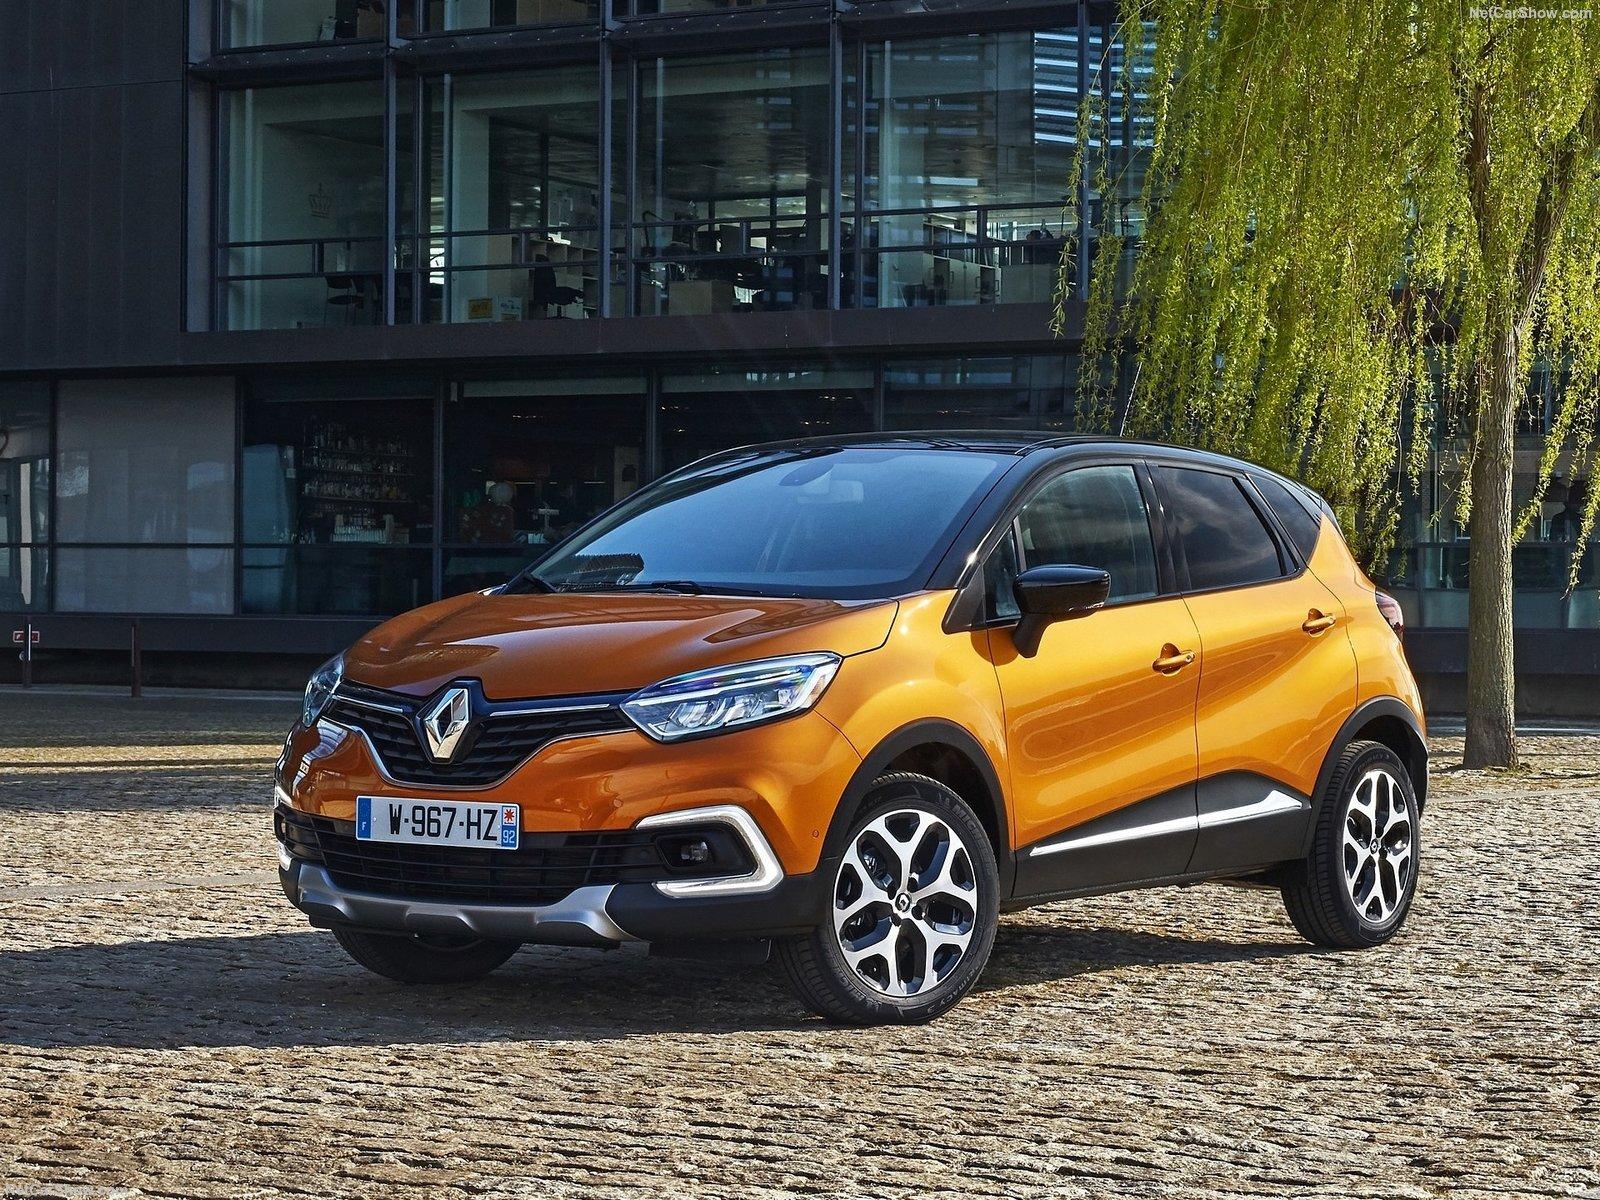 Renault Captur 2018 — комплектации, цены, фото и характеристики